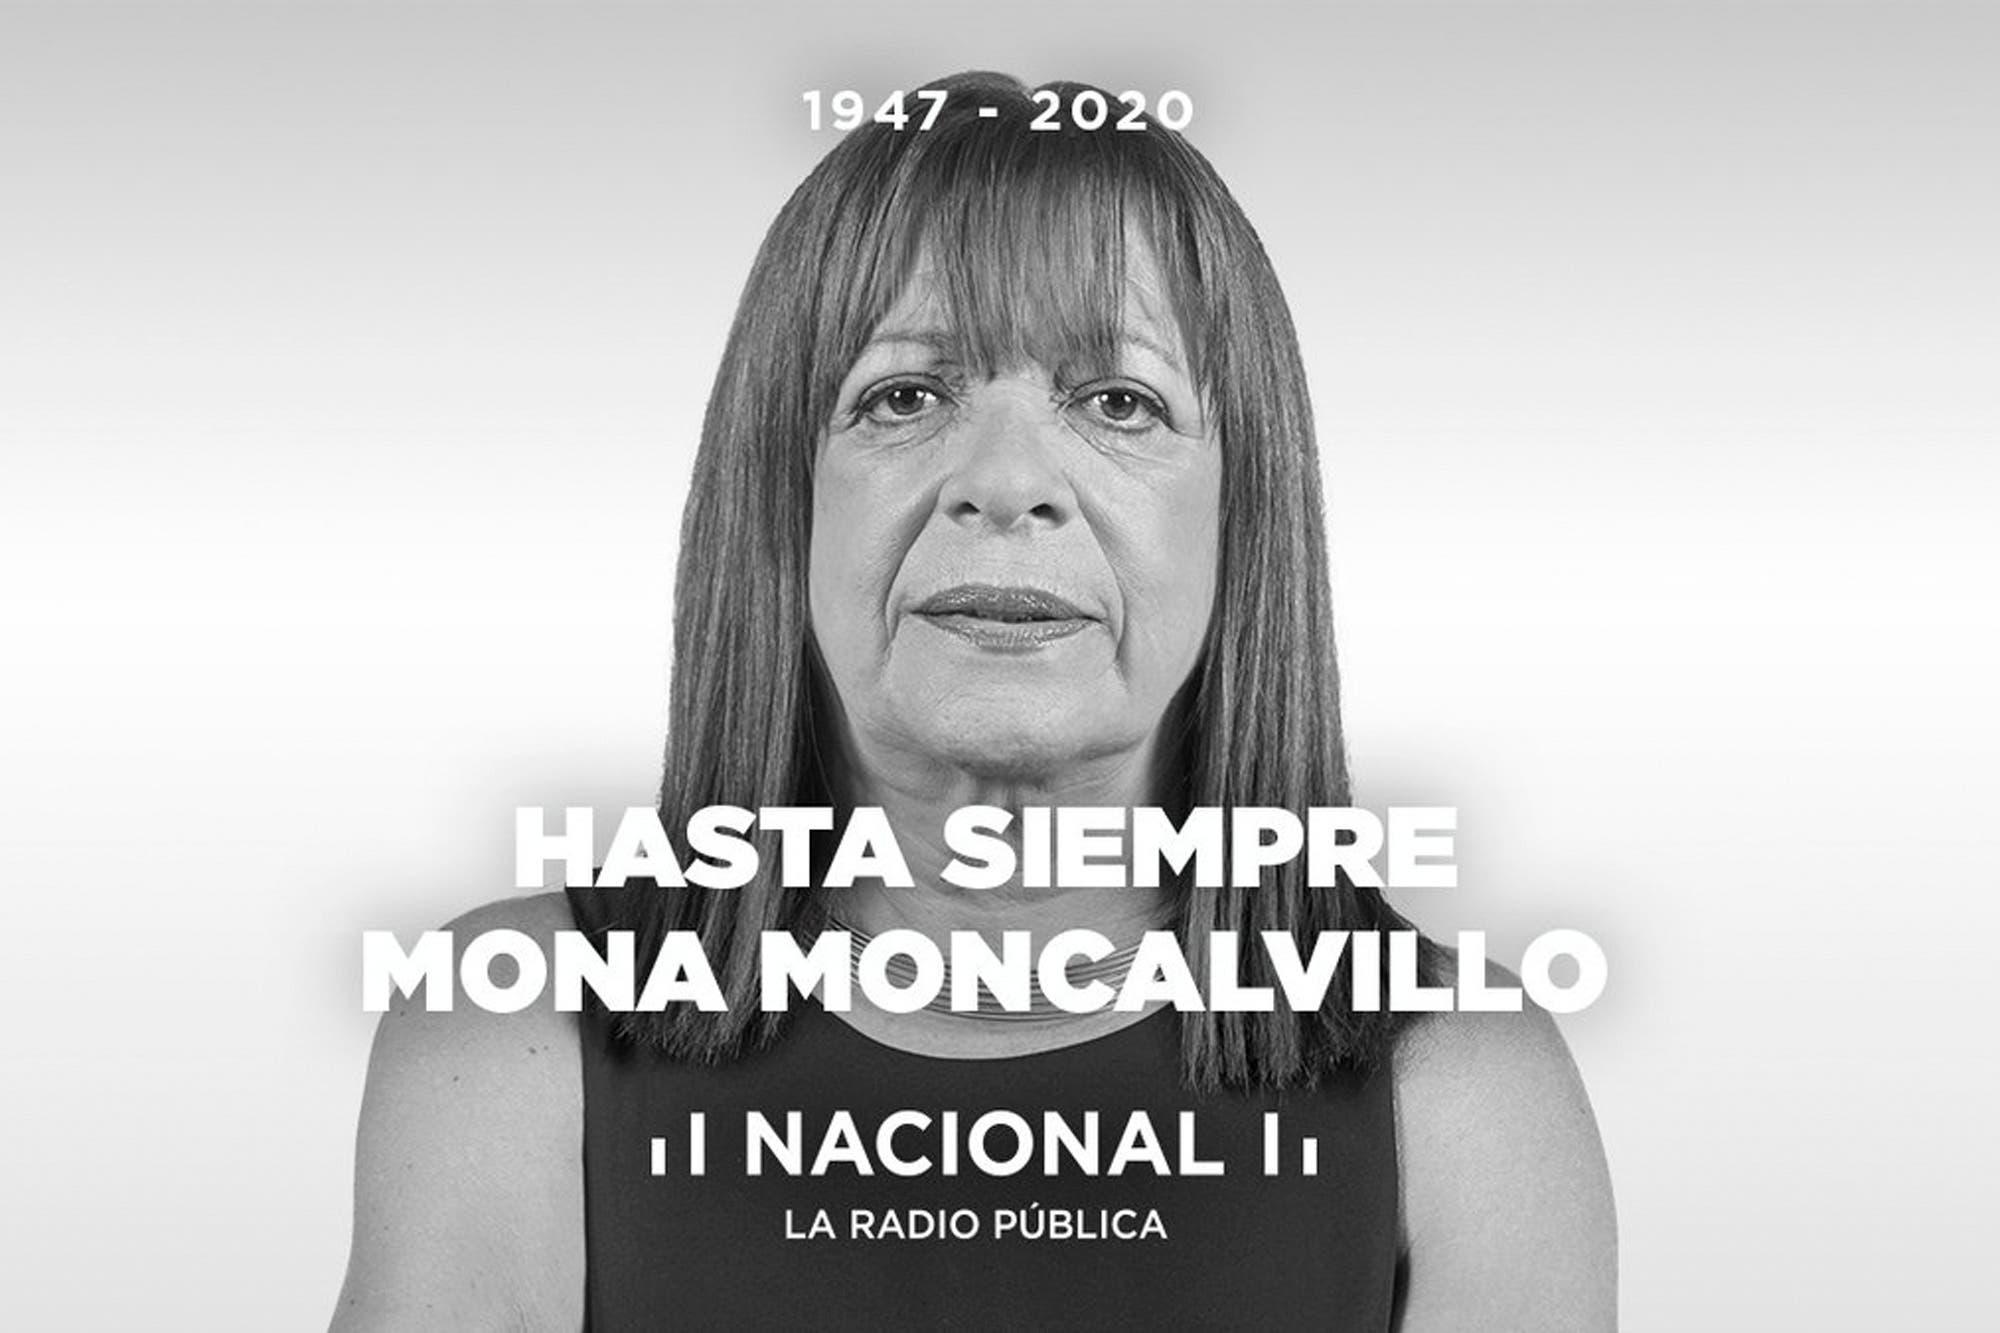 Murió la periodista Mona Moncalvillo, a los 73 años - LA NACION